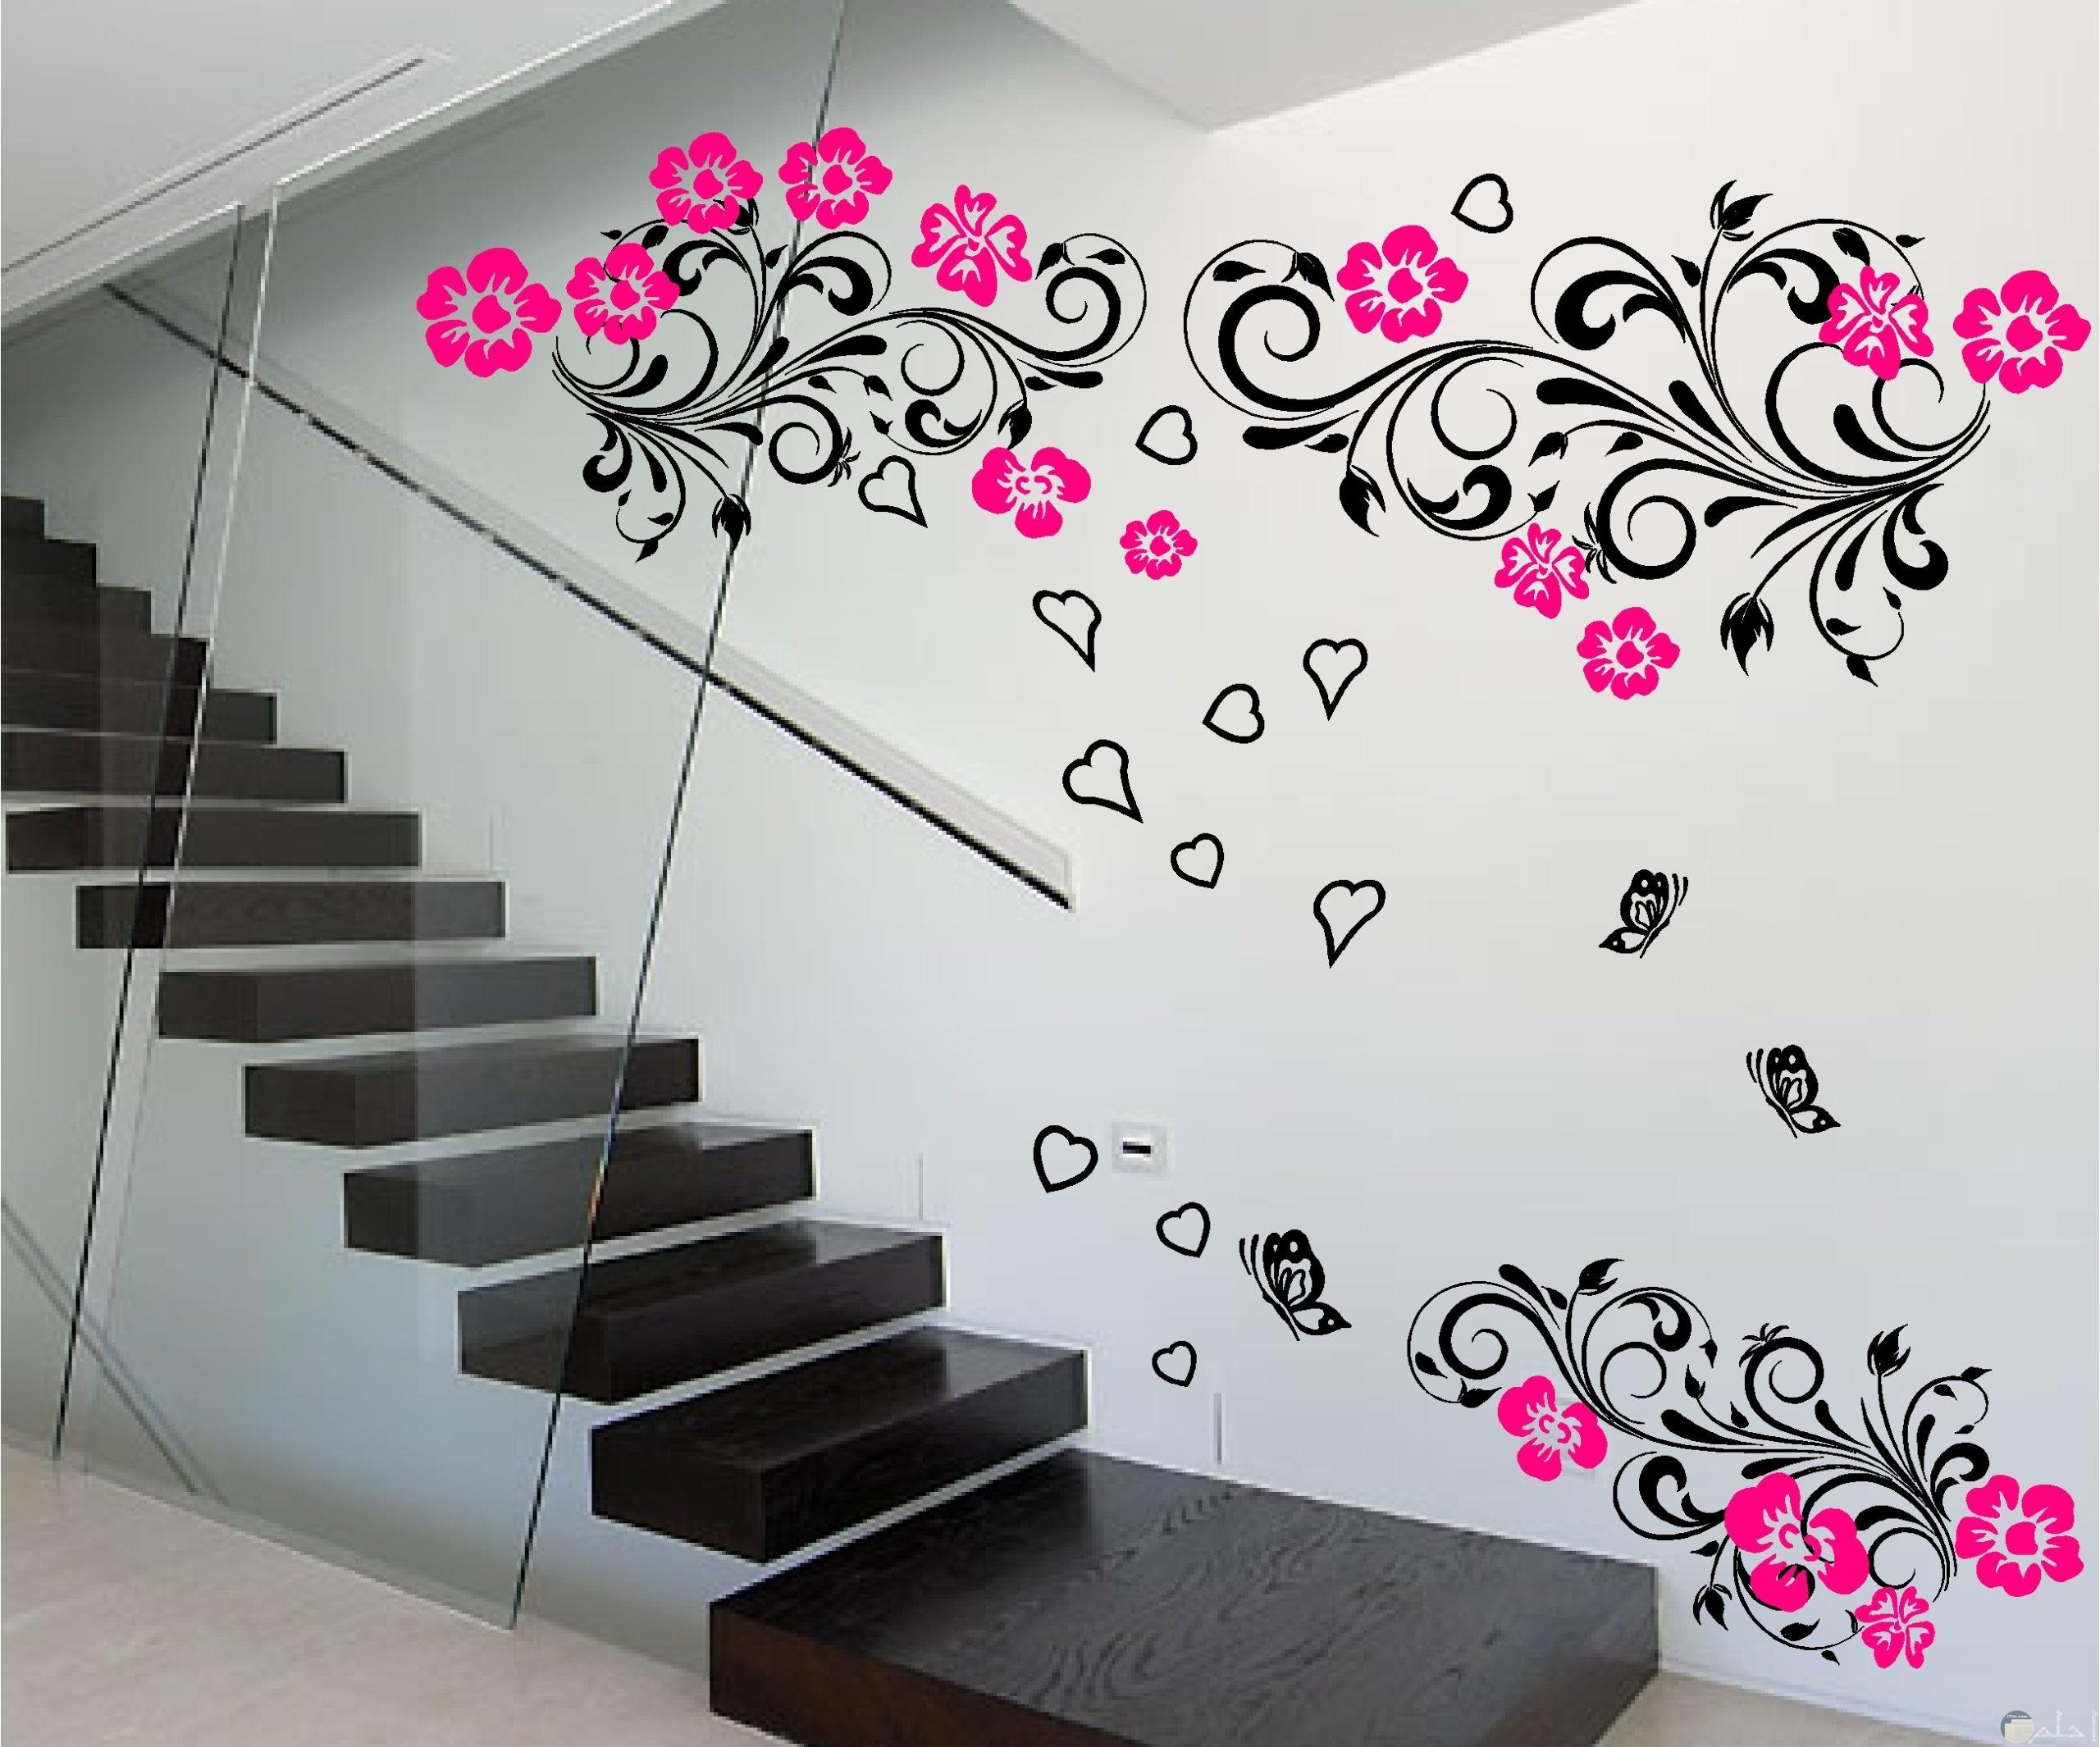 استايل رسومات حديثة على شكل ورد وقلوب على الحائط